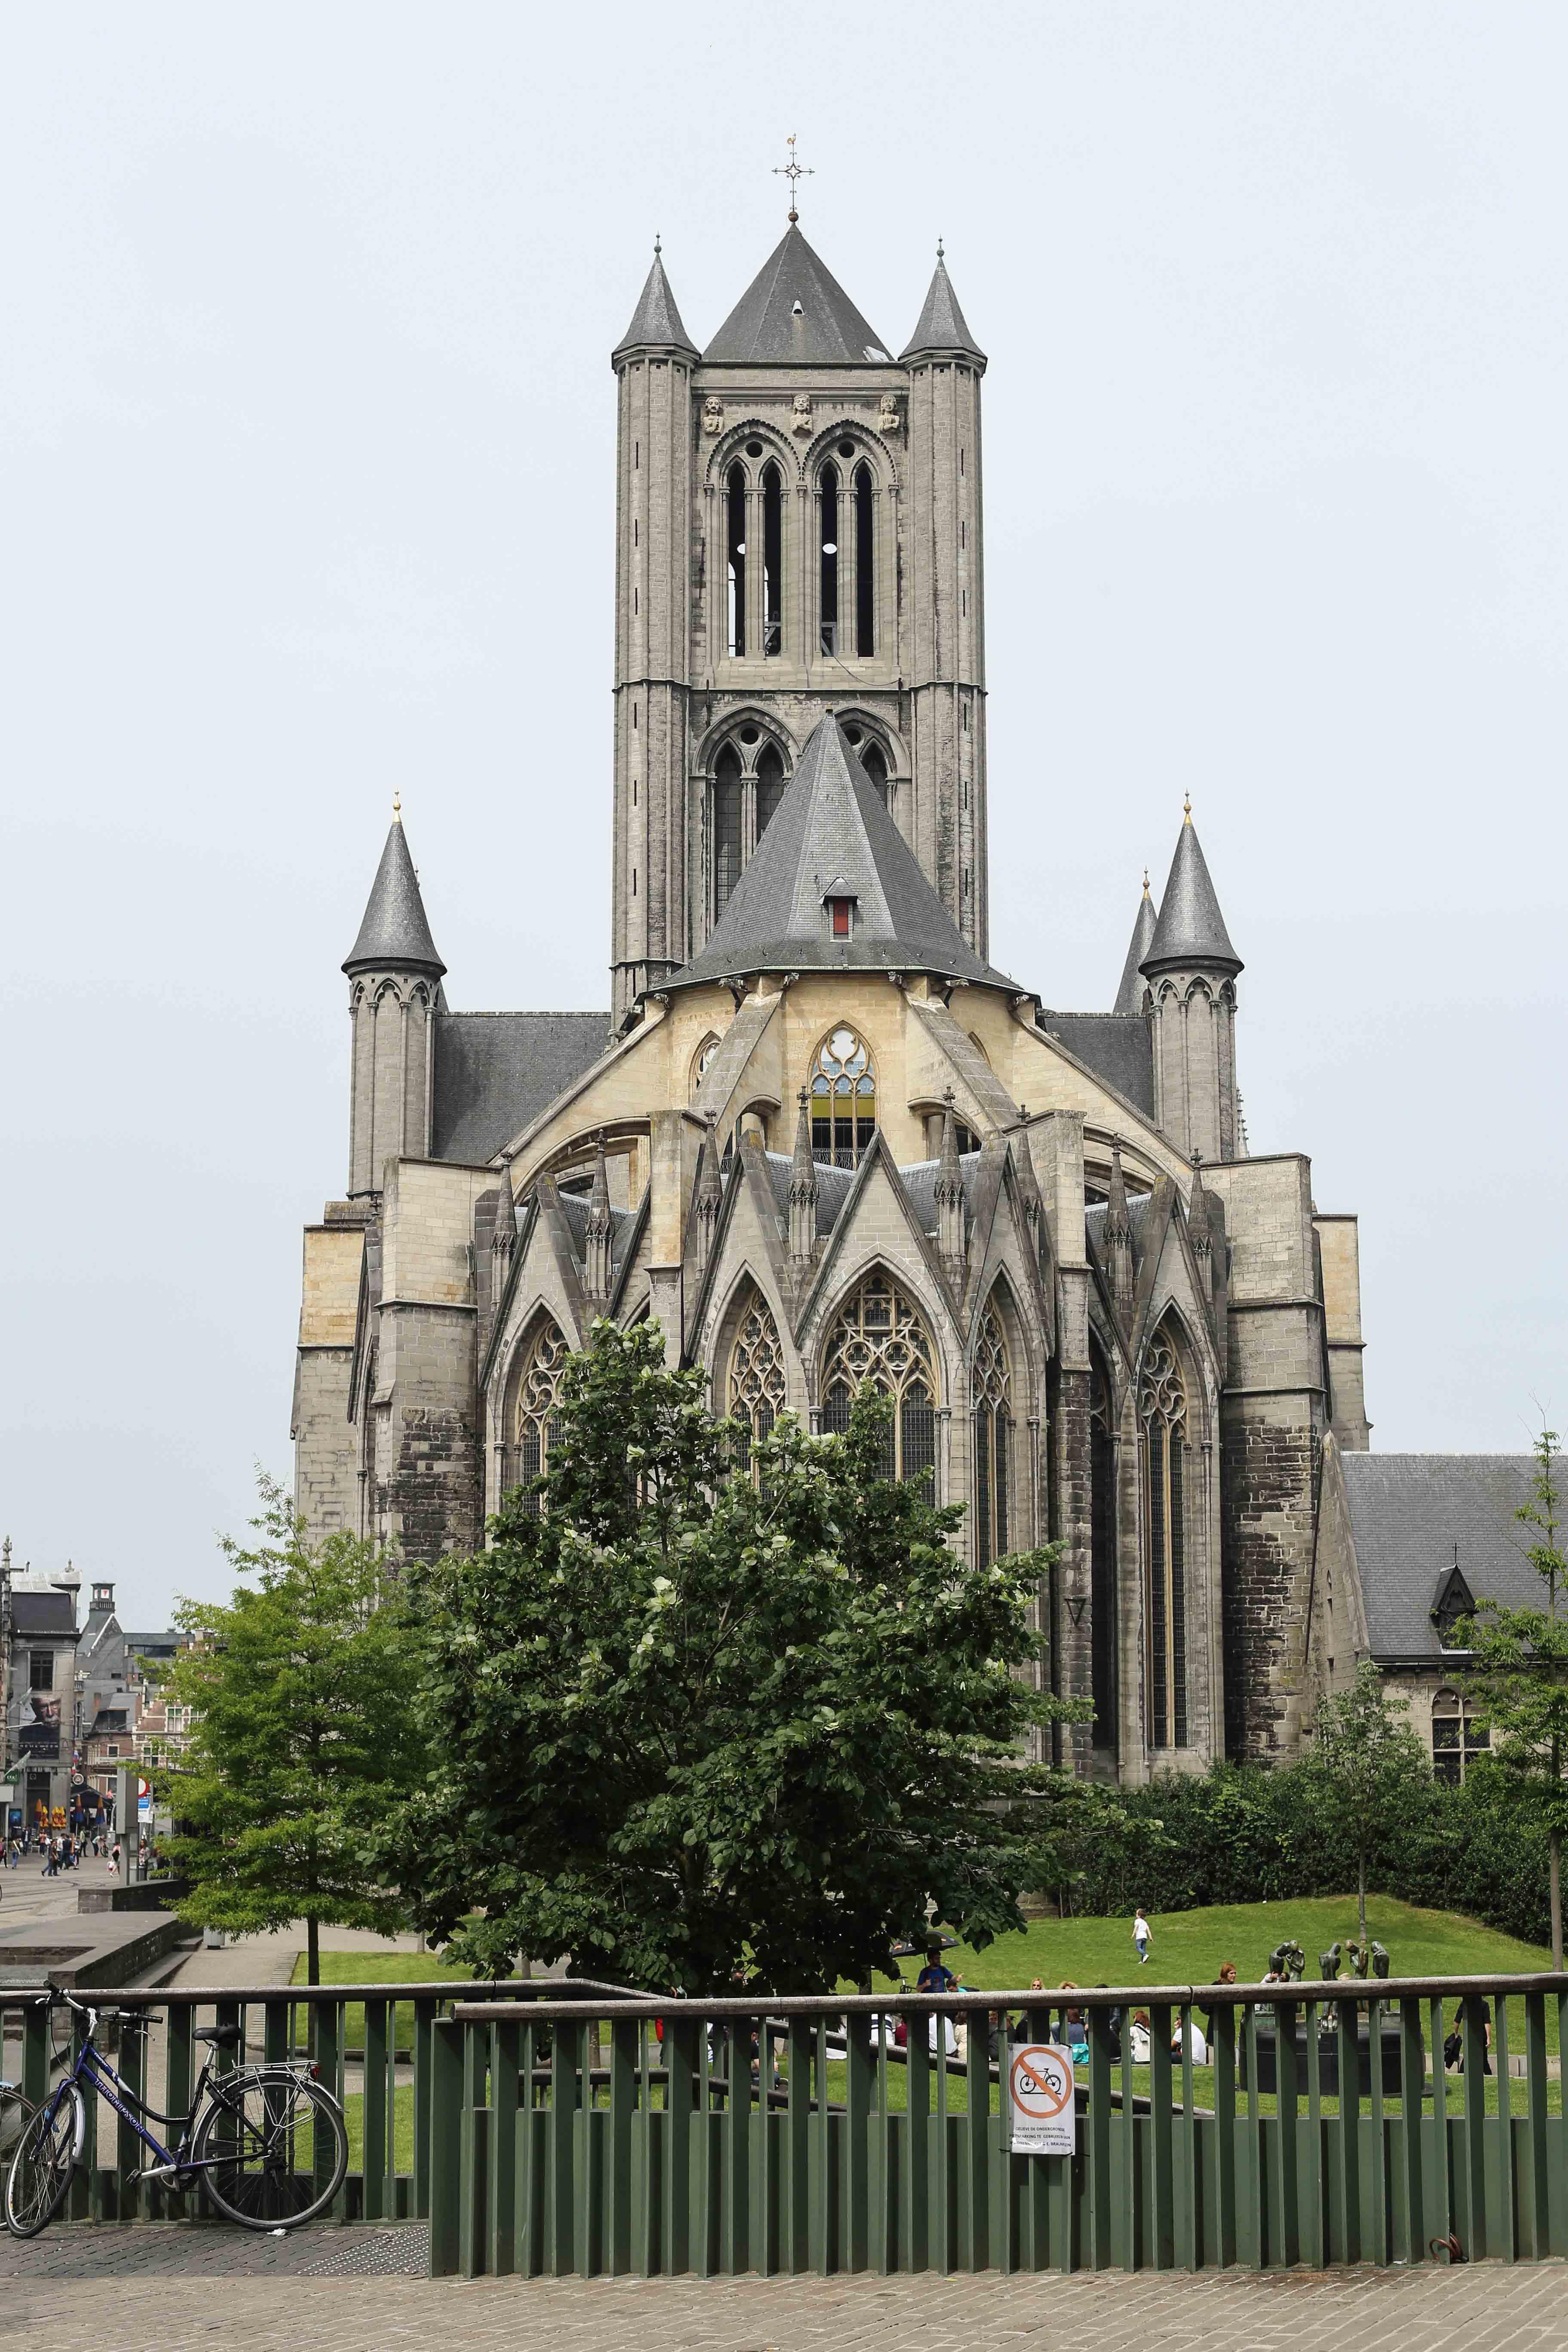 Gent-Kurztrip-Empfehlung-Sehenswürdigkeiten-Kanäle-Reiseblog-Belgien-st.-nikolaus-kirche